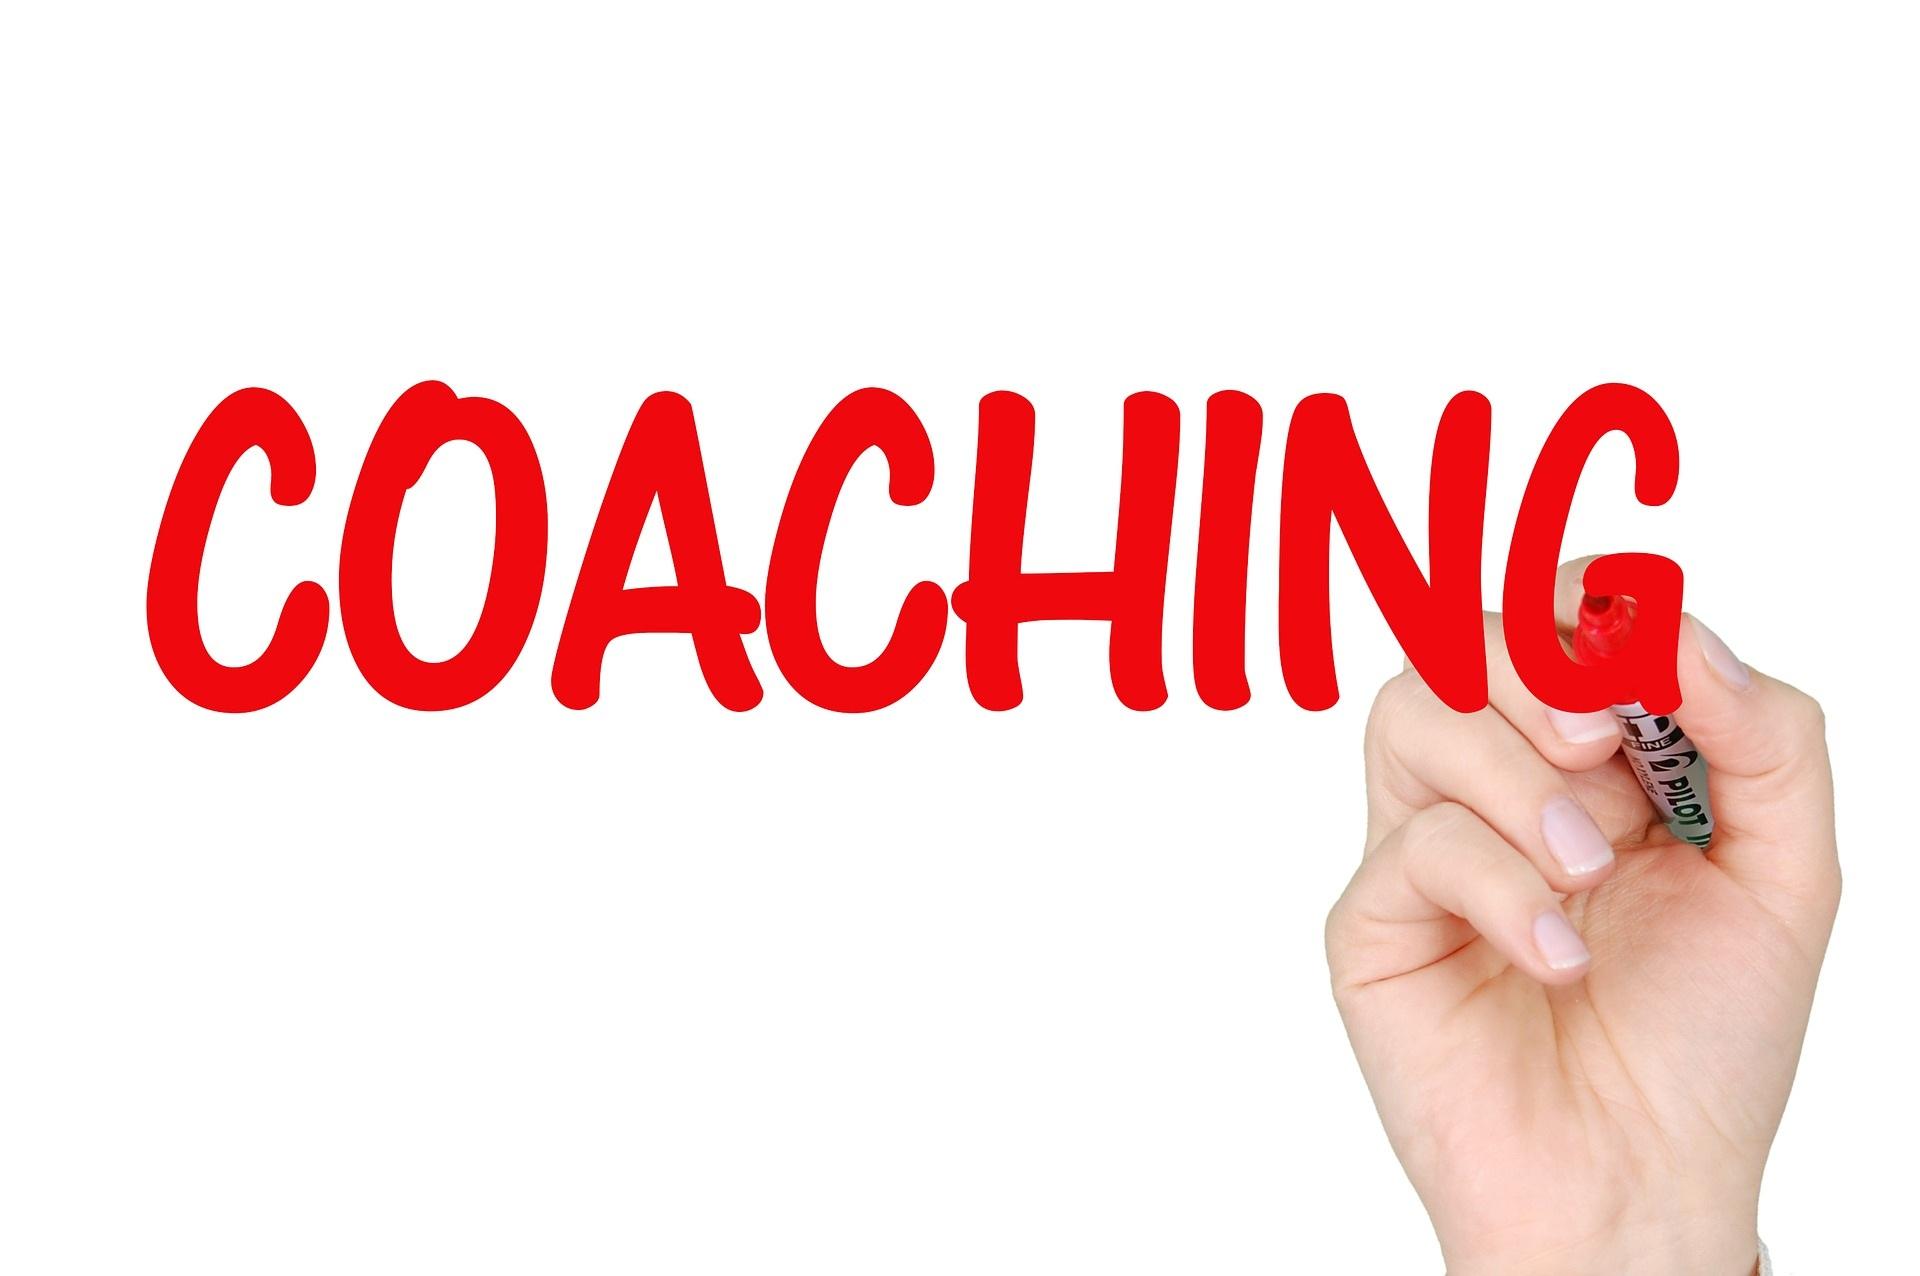 coaching-2738523_1920.jpg